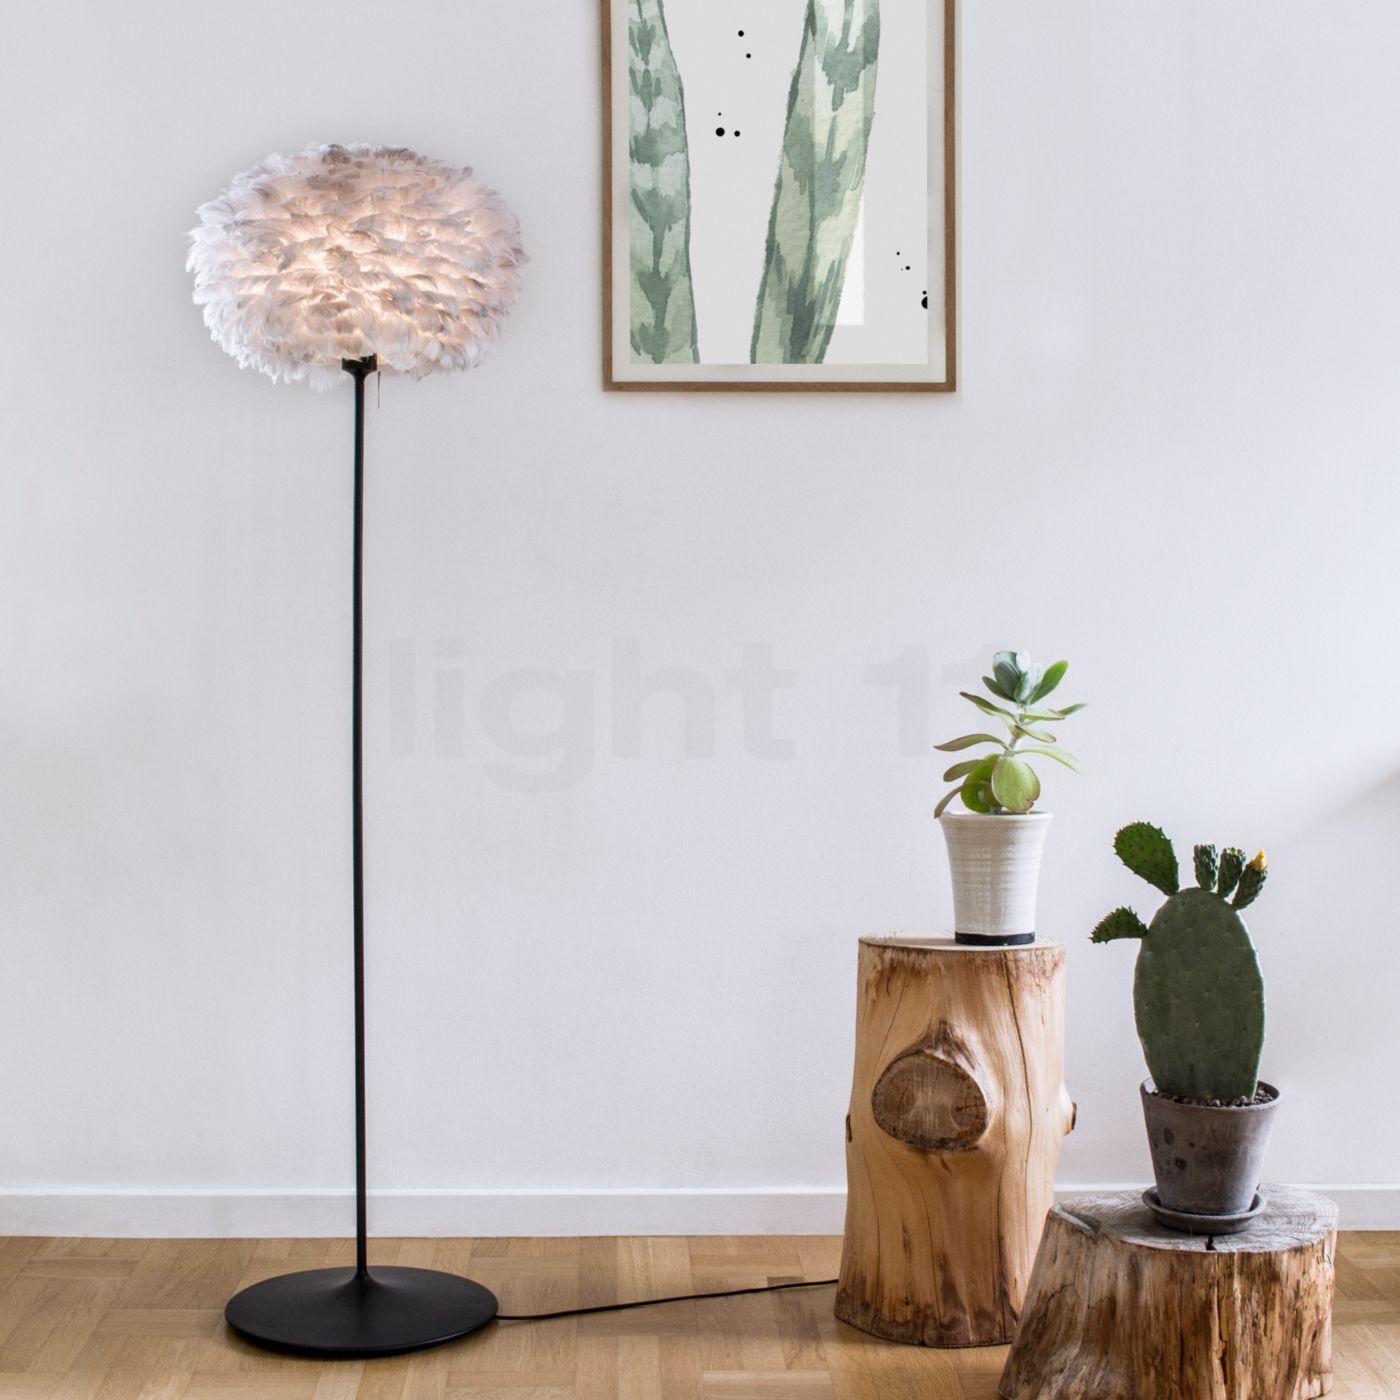 Vita Copenhagen Eos Floor Lamp Floor lamps buy at light11.eu